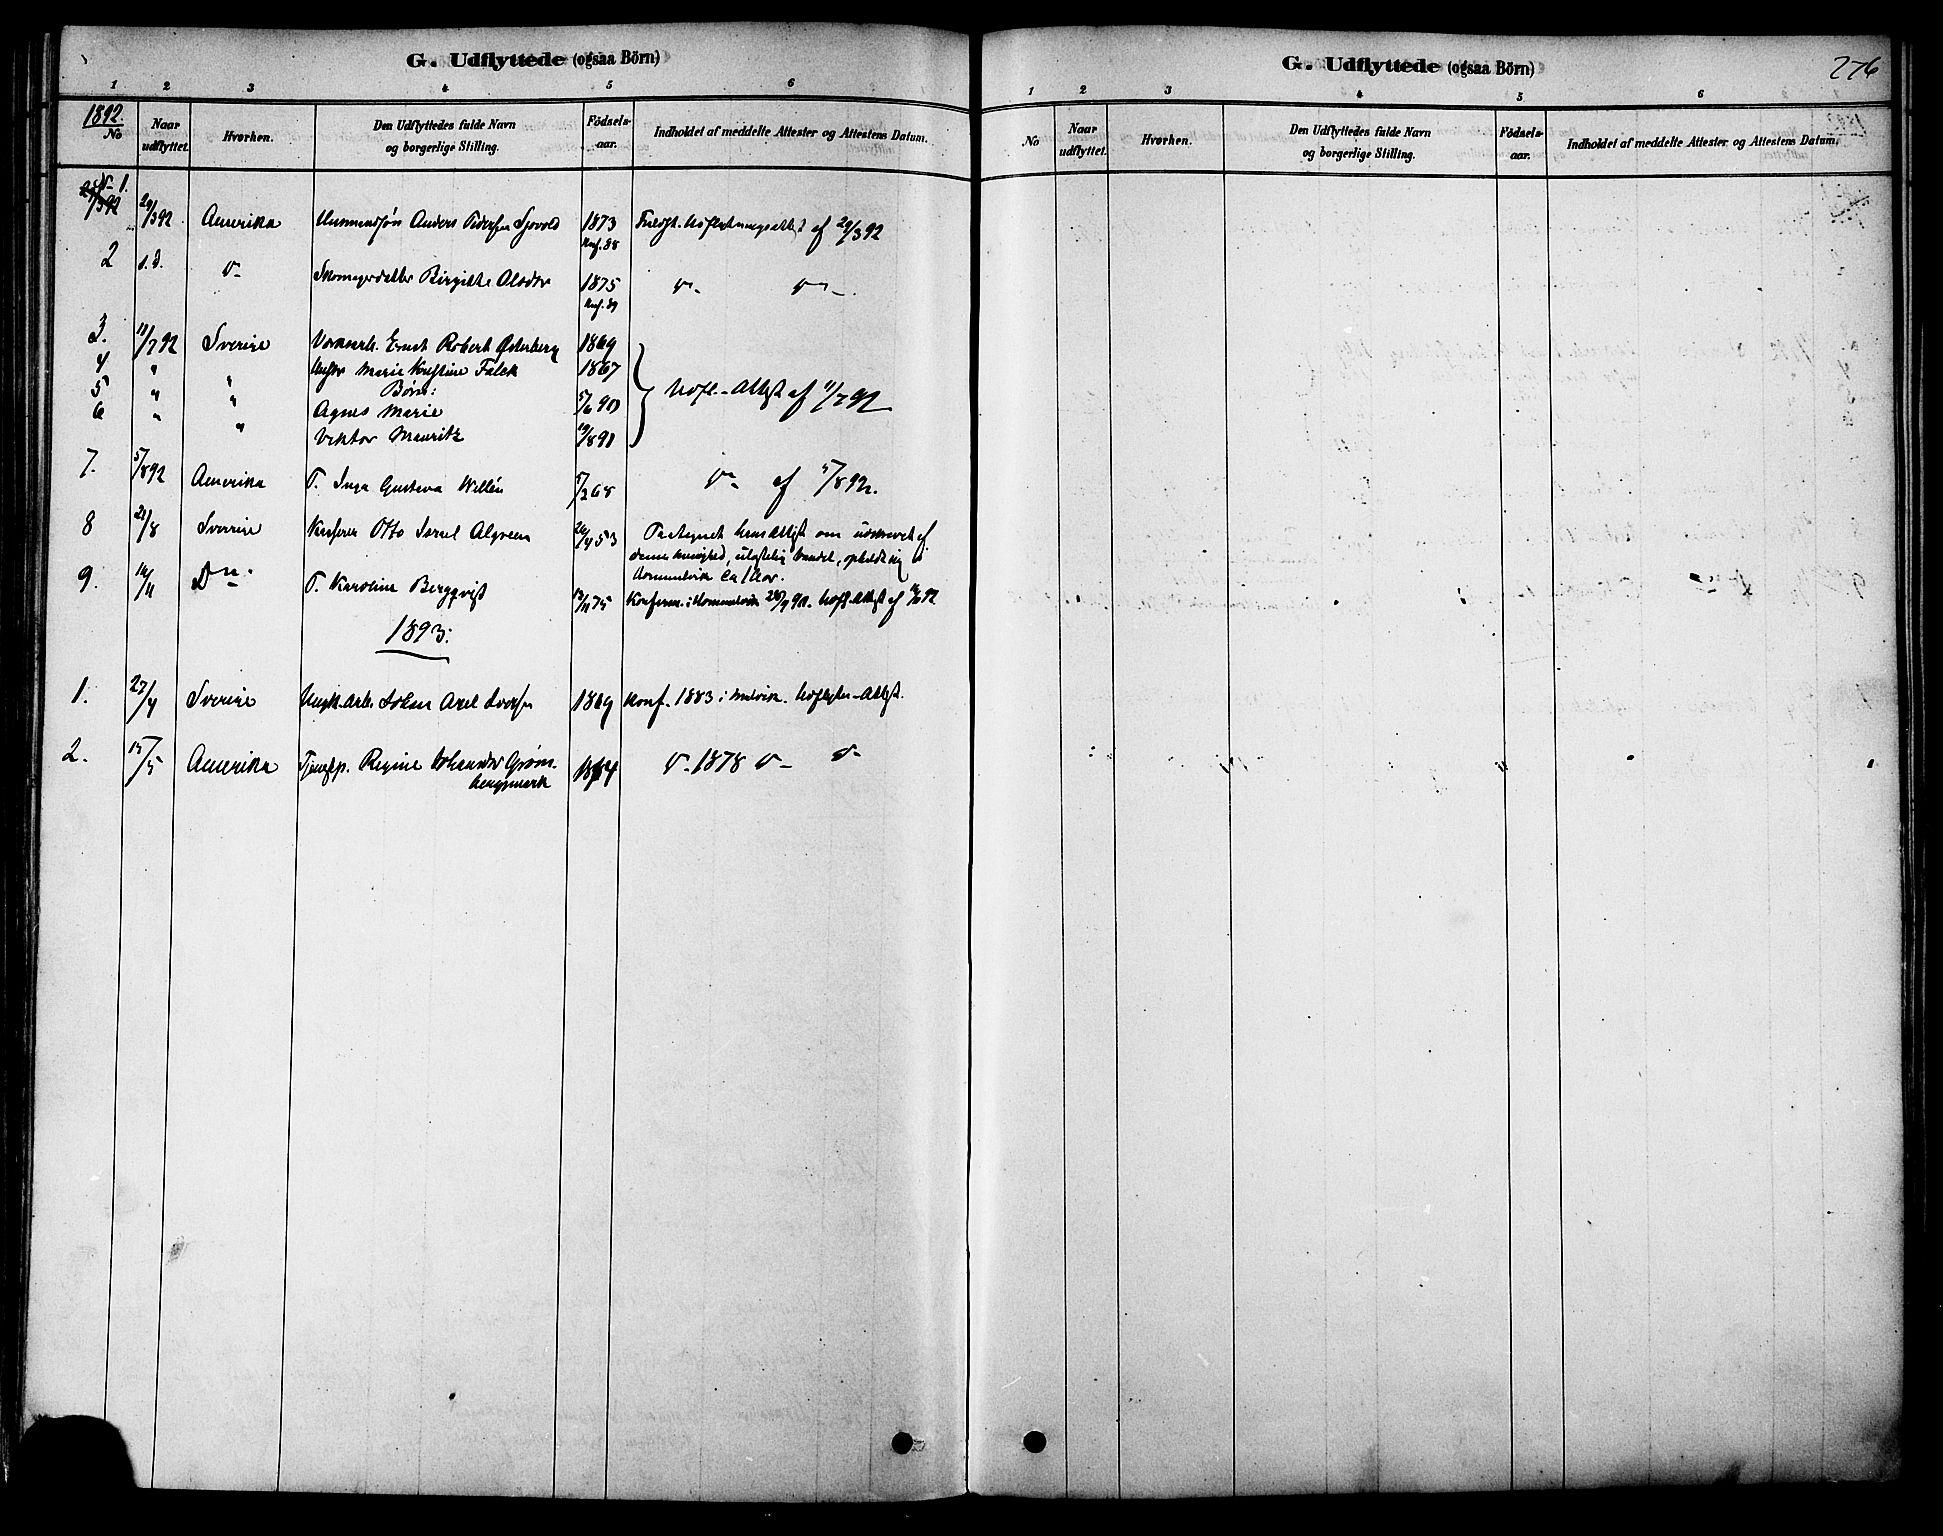 SAT, Ministerialprotokoller, klokkerbøker og fødselsregistre - Sør-Trøndelag, 616/L0410: Ministerialbok nr. 616A07, 1878-1893, s. 276